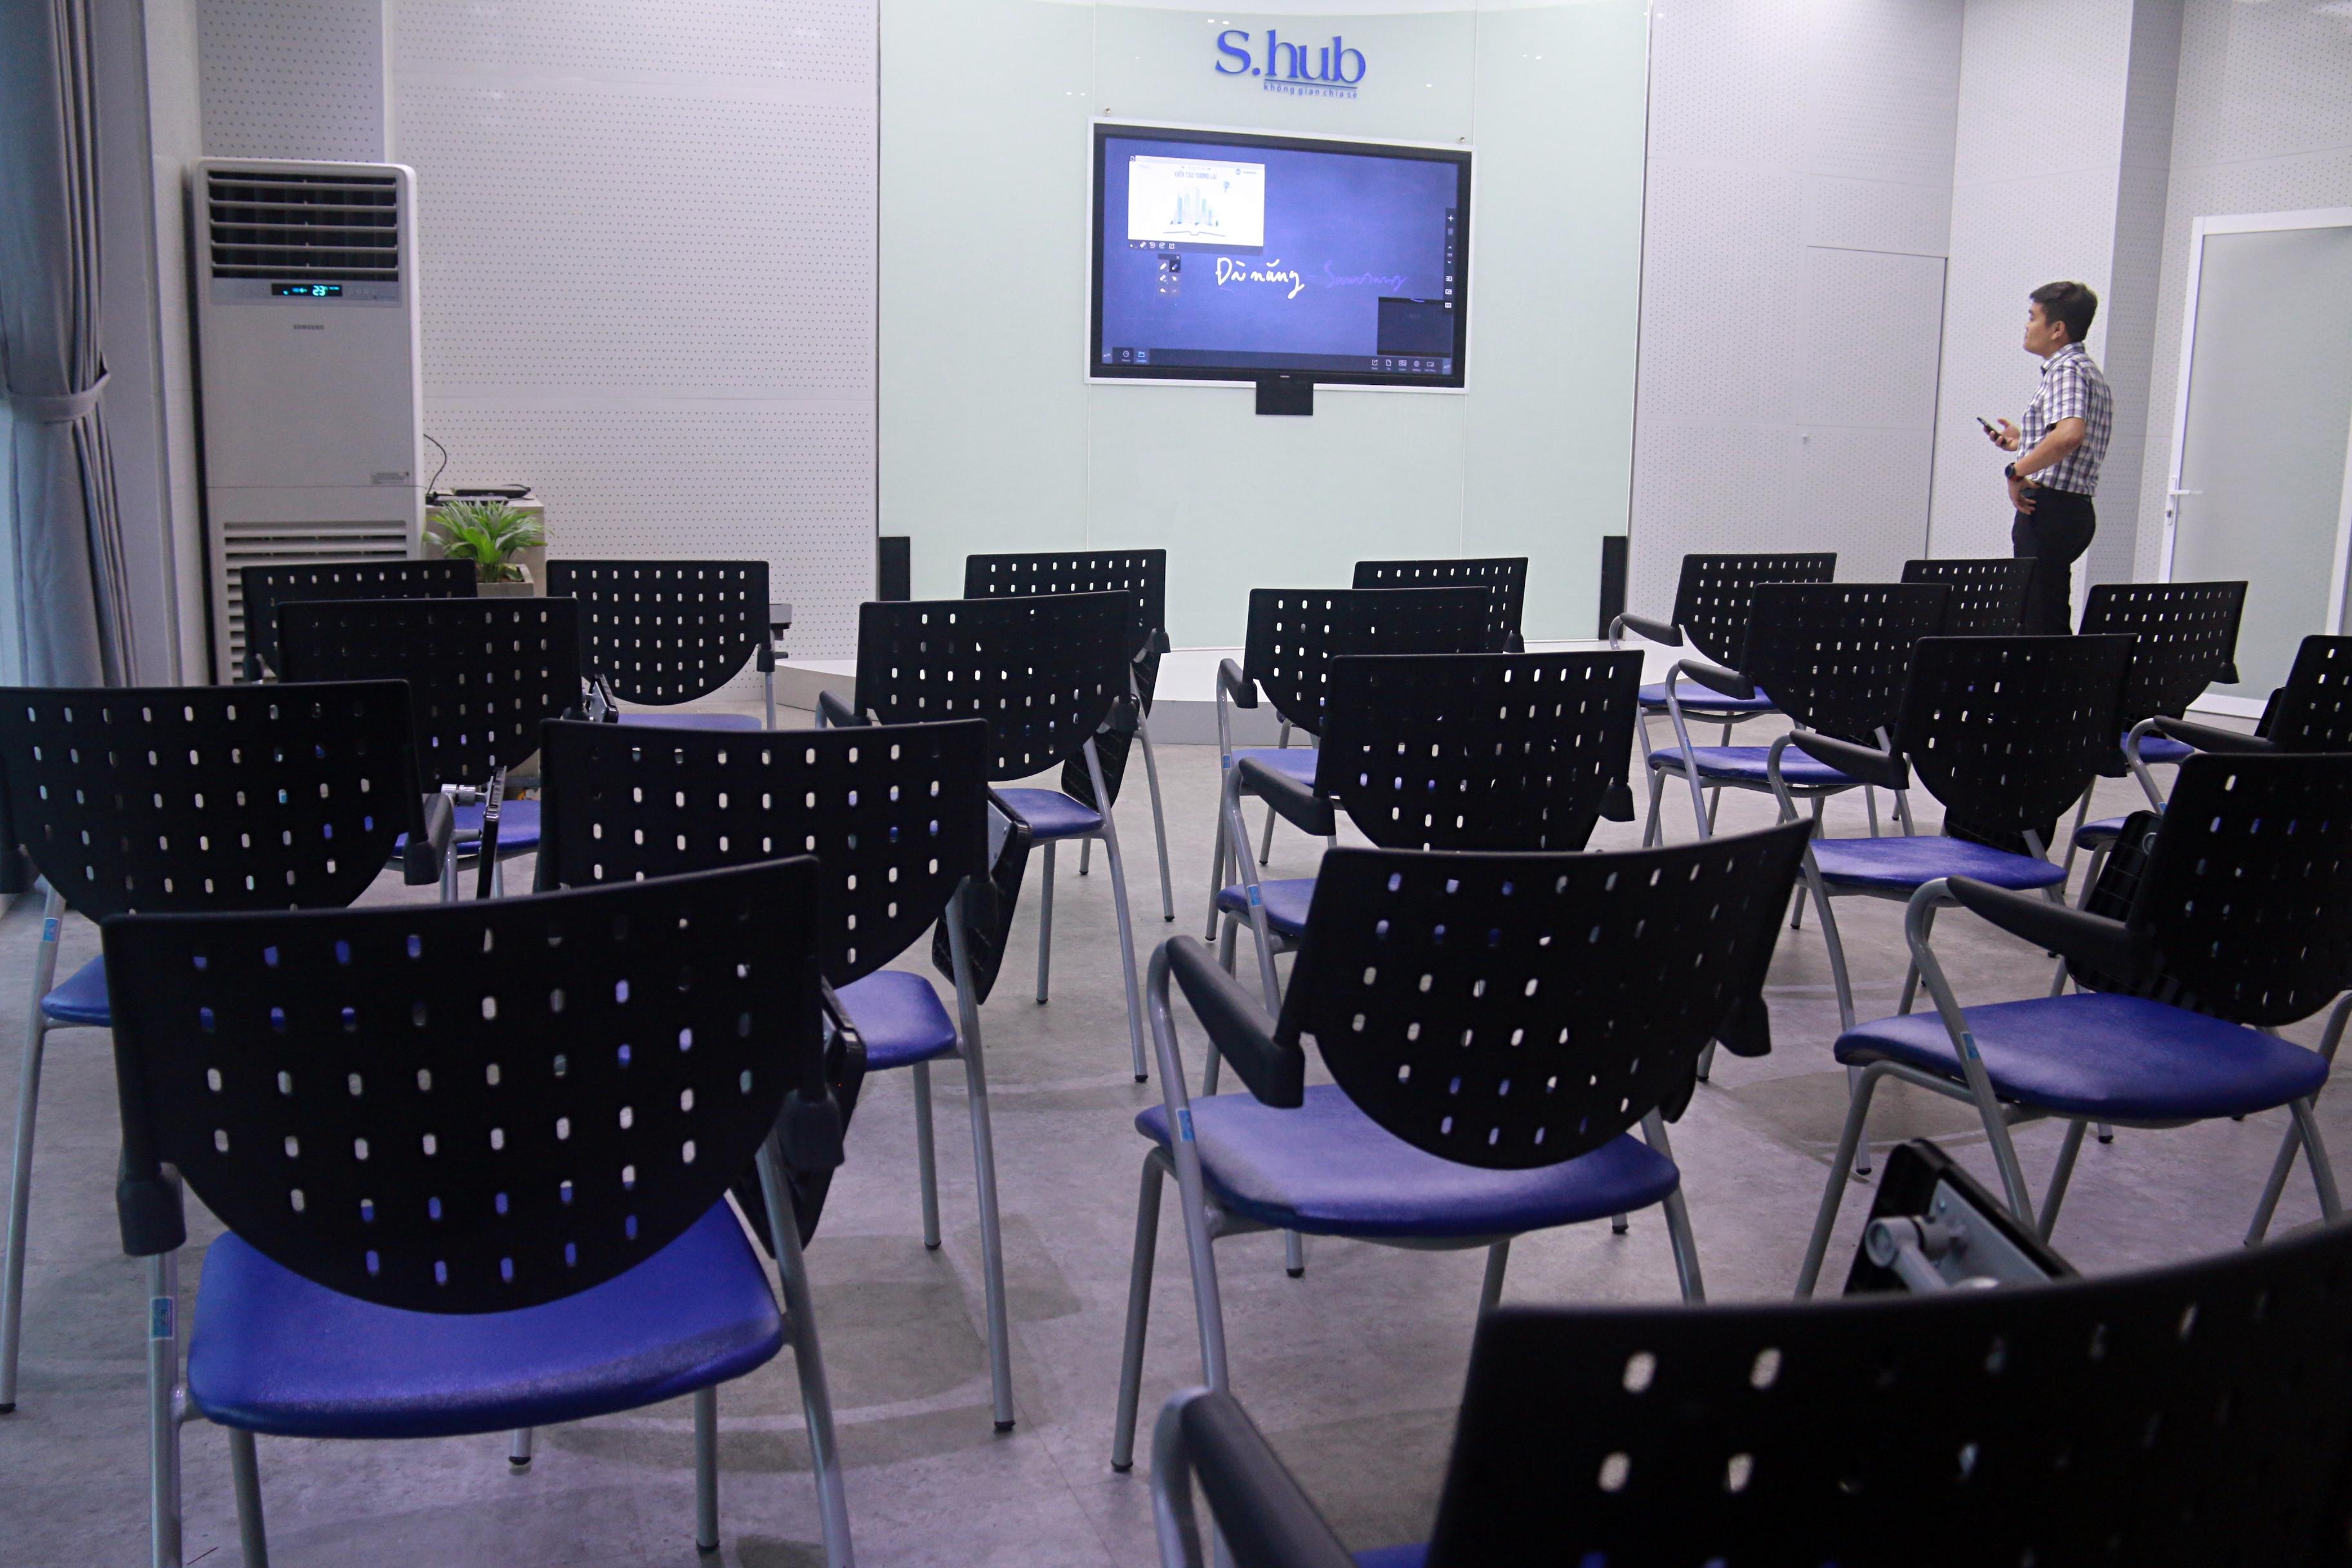 S.hub - không gian chia sẻ tri thức cực hot dành cho giới trẻ Đà Nẵng - Ảnh 15.